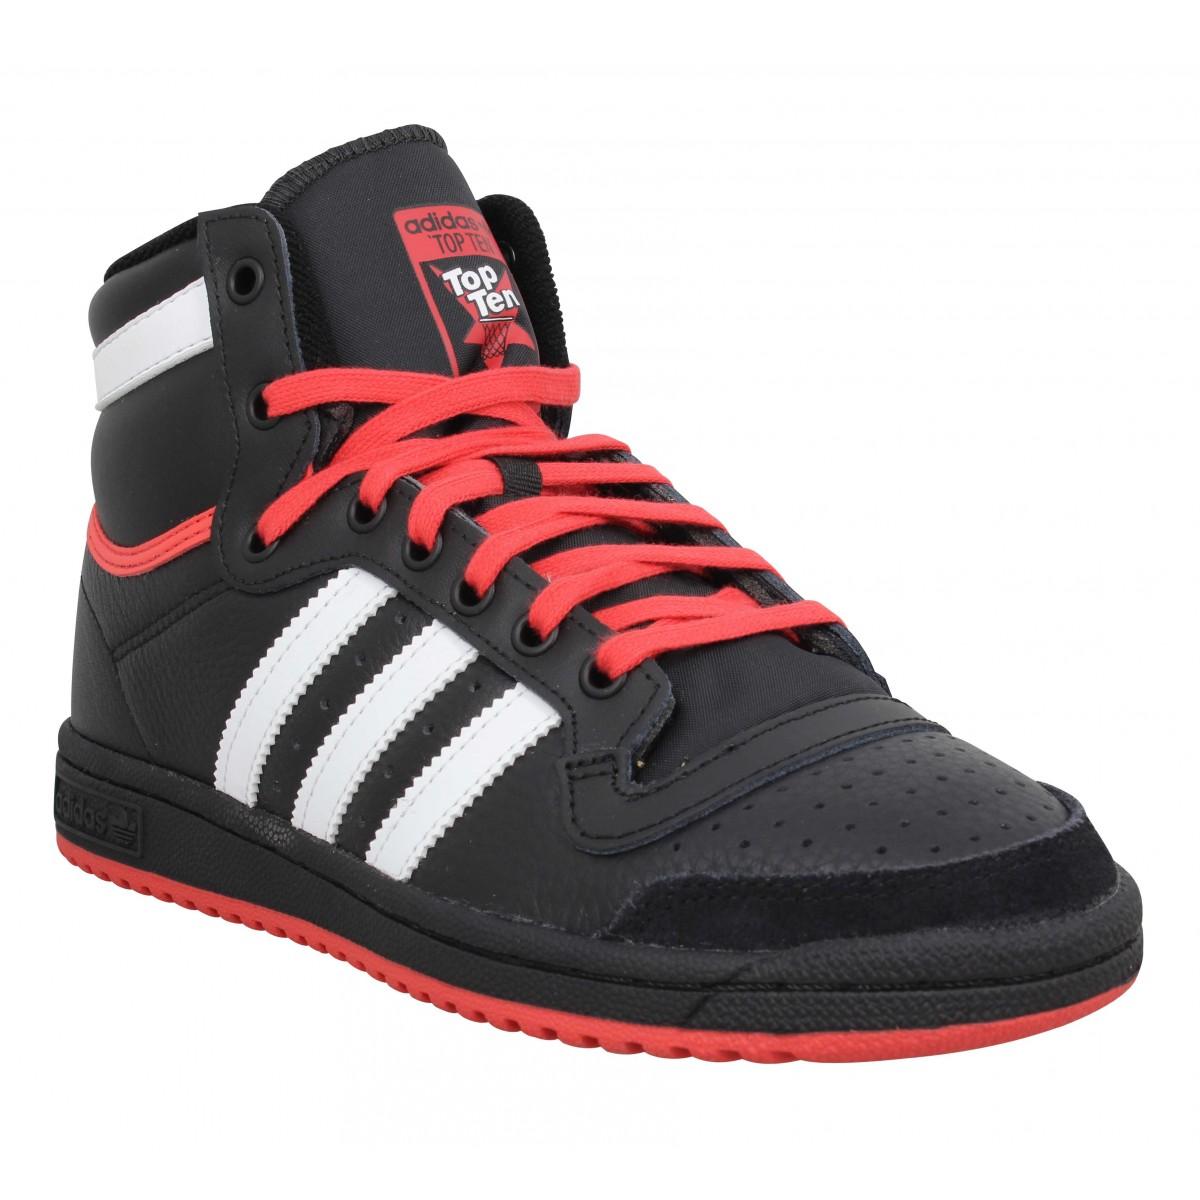 Adidas Femme Top Ten Hi Cuir -36-noir